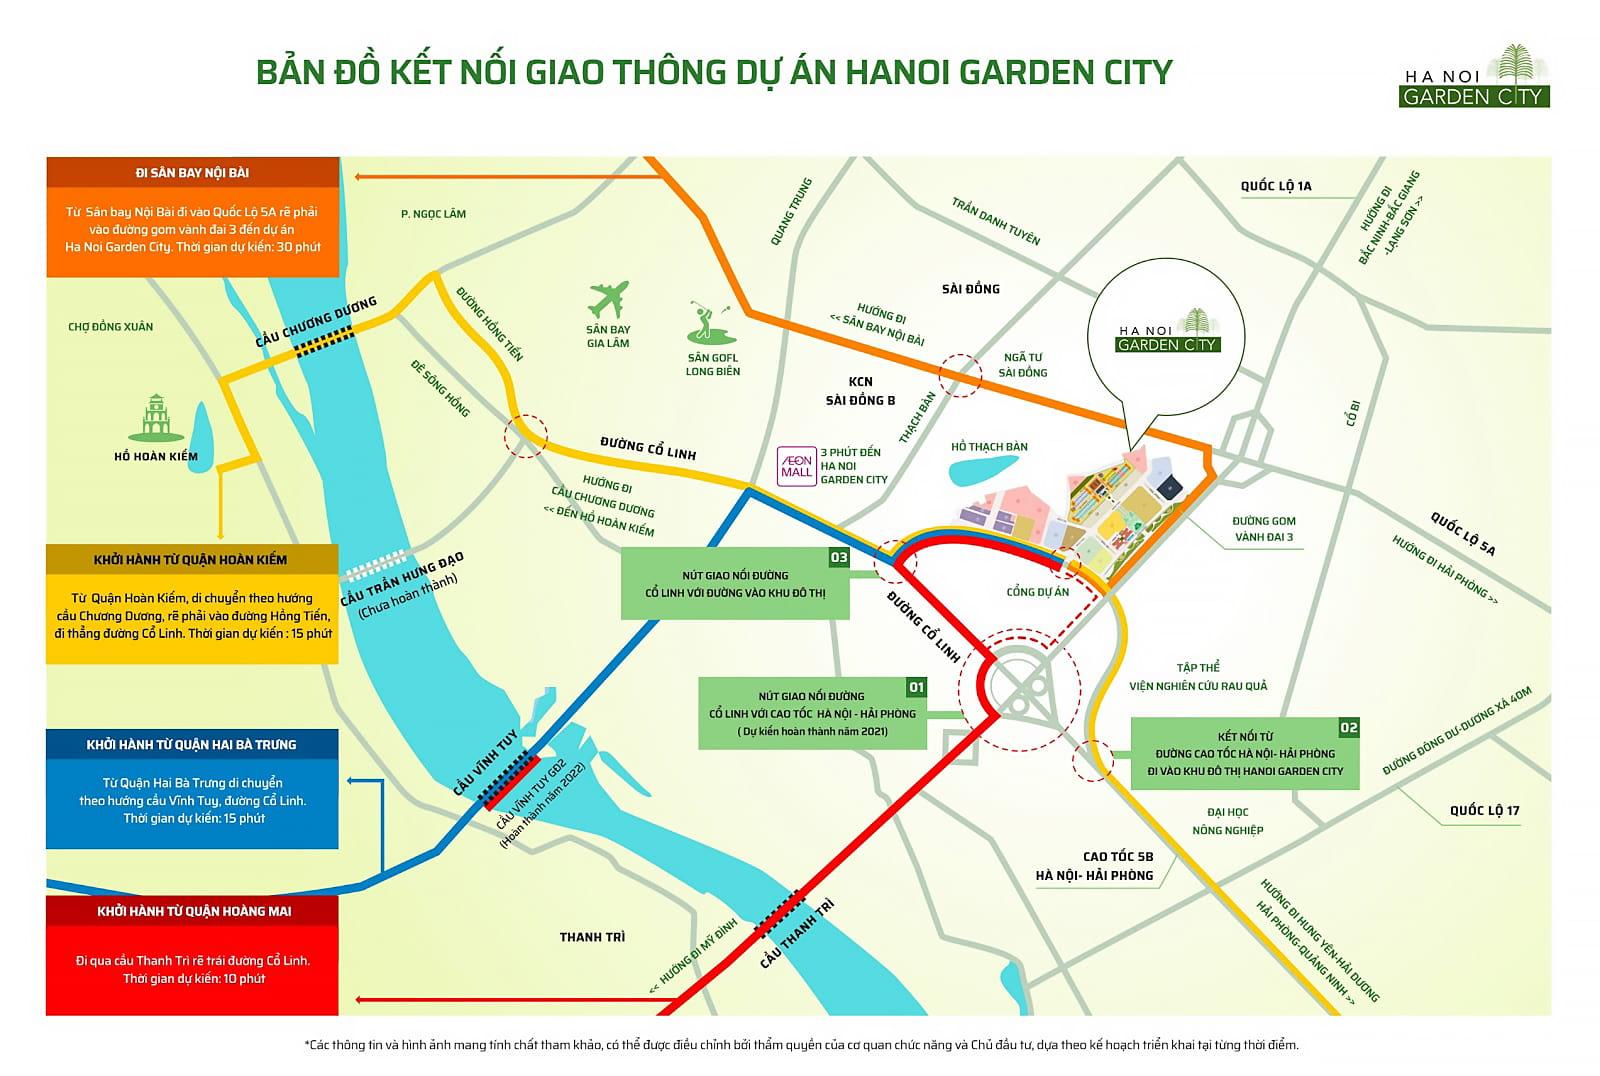 Hệ thống giao thông kết nối Ha Noi Garden City